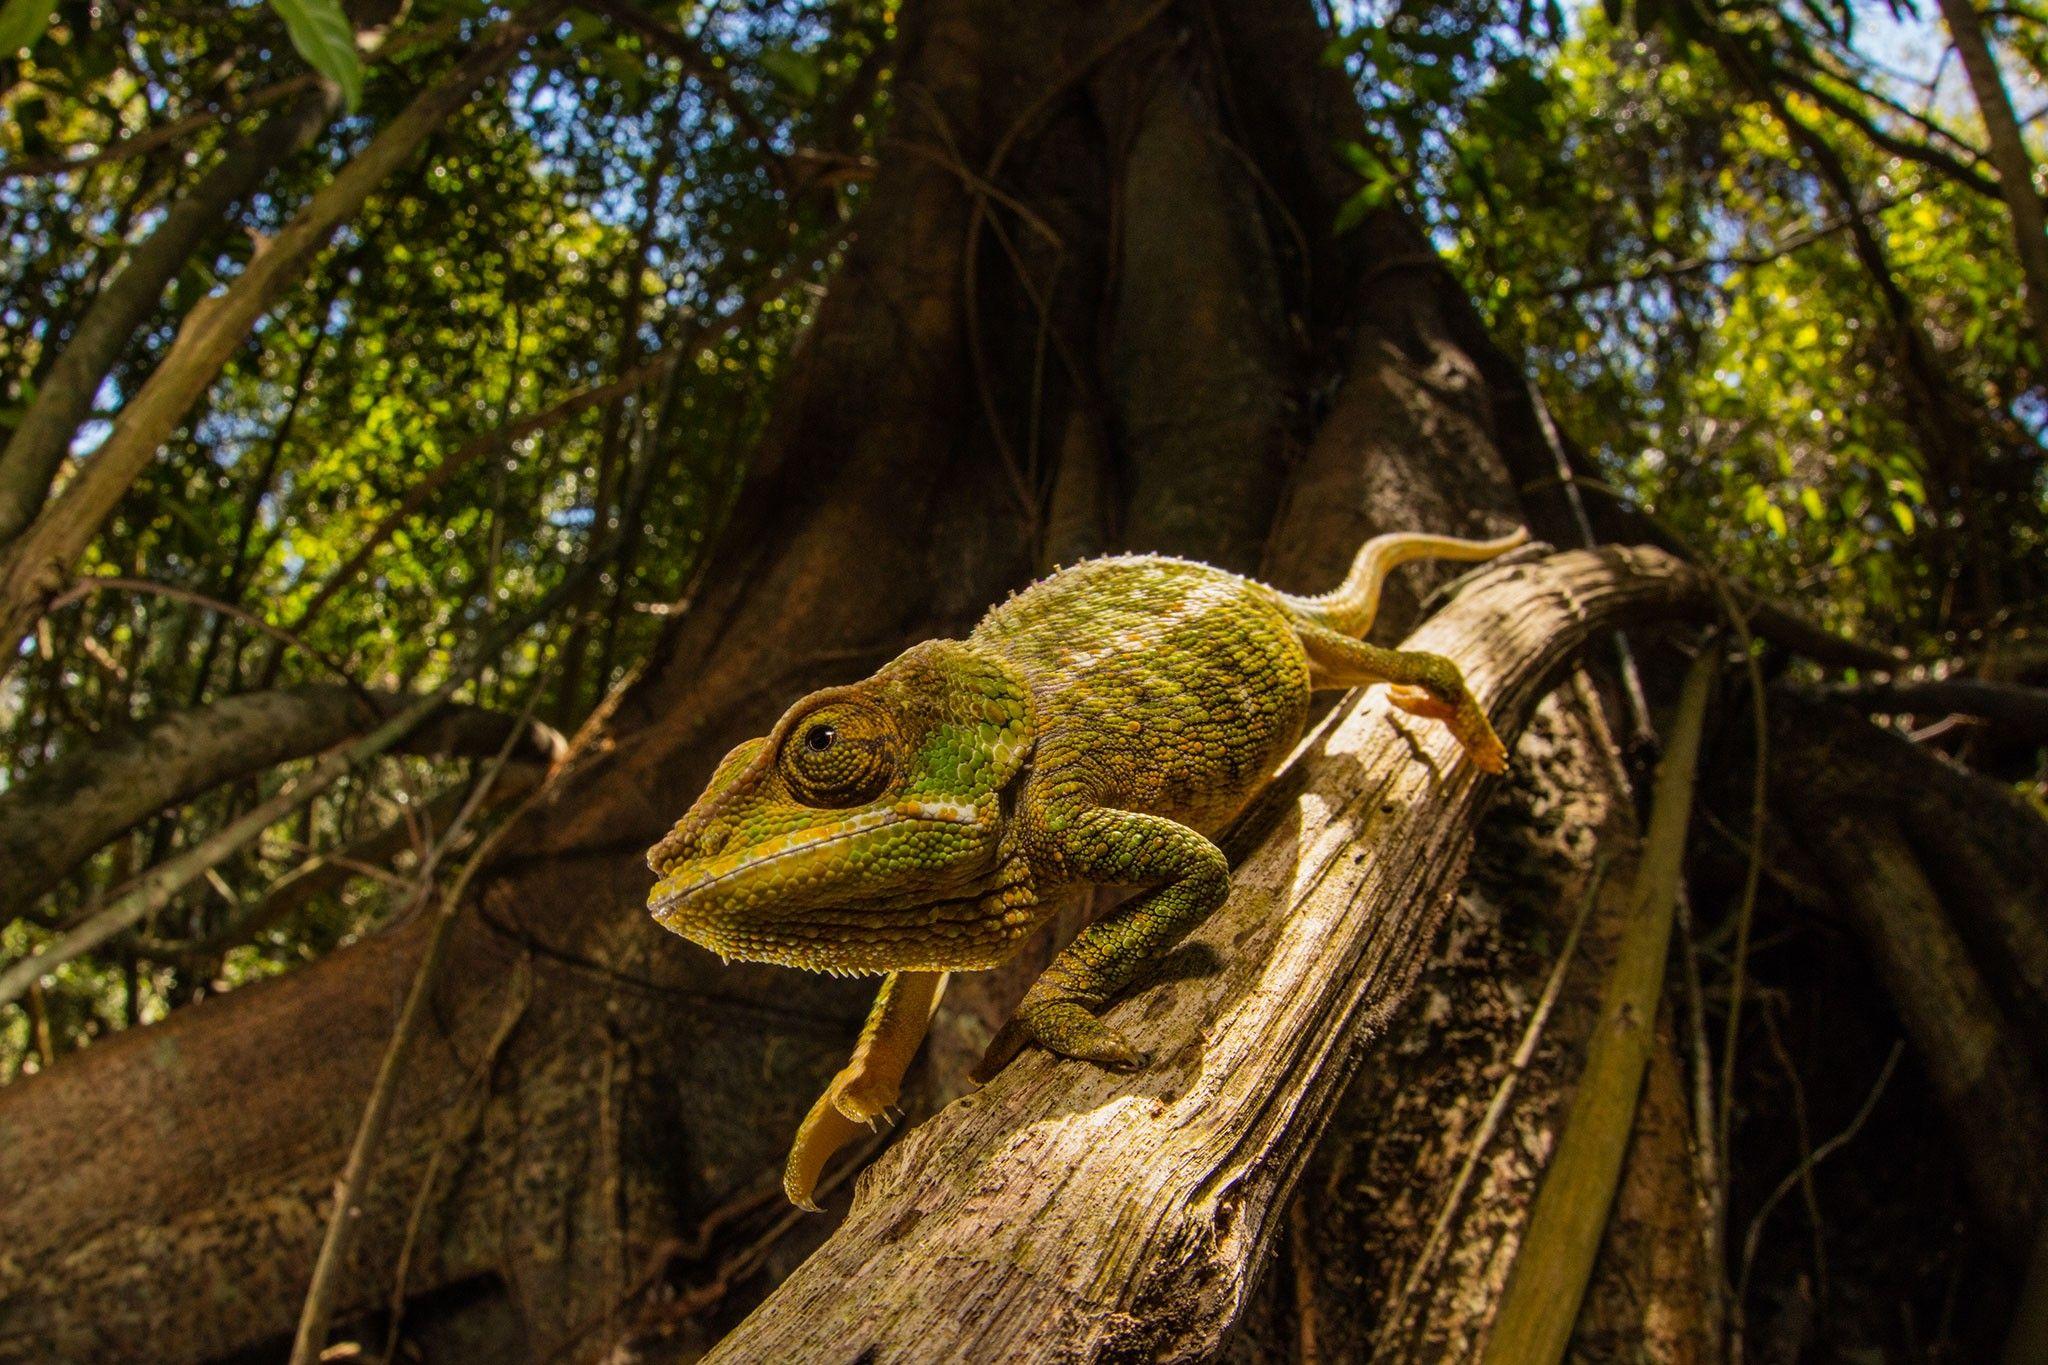 Nova pele 'inteligente' muda de cor usando truque aprendido com os camaleões | National Geographic